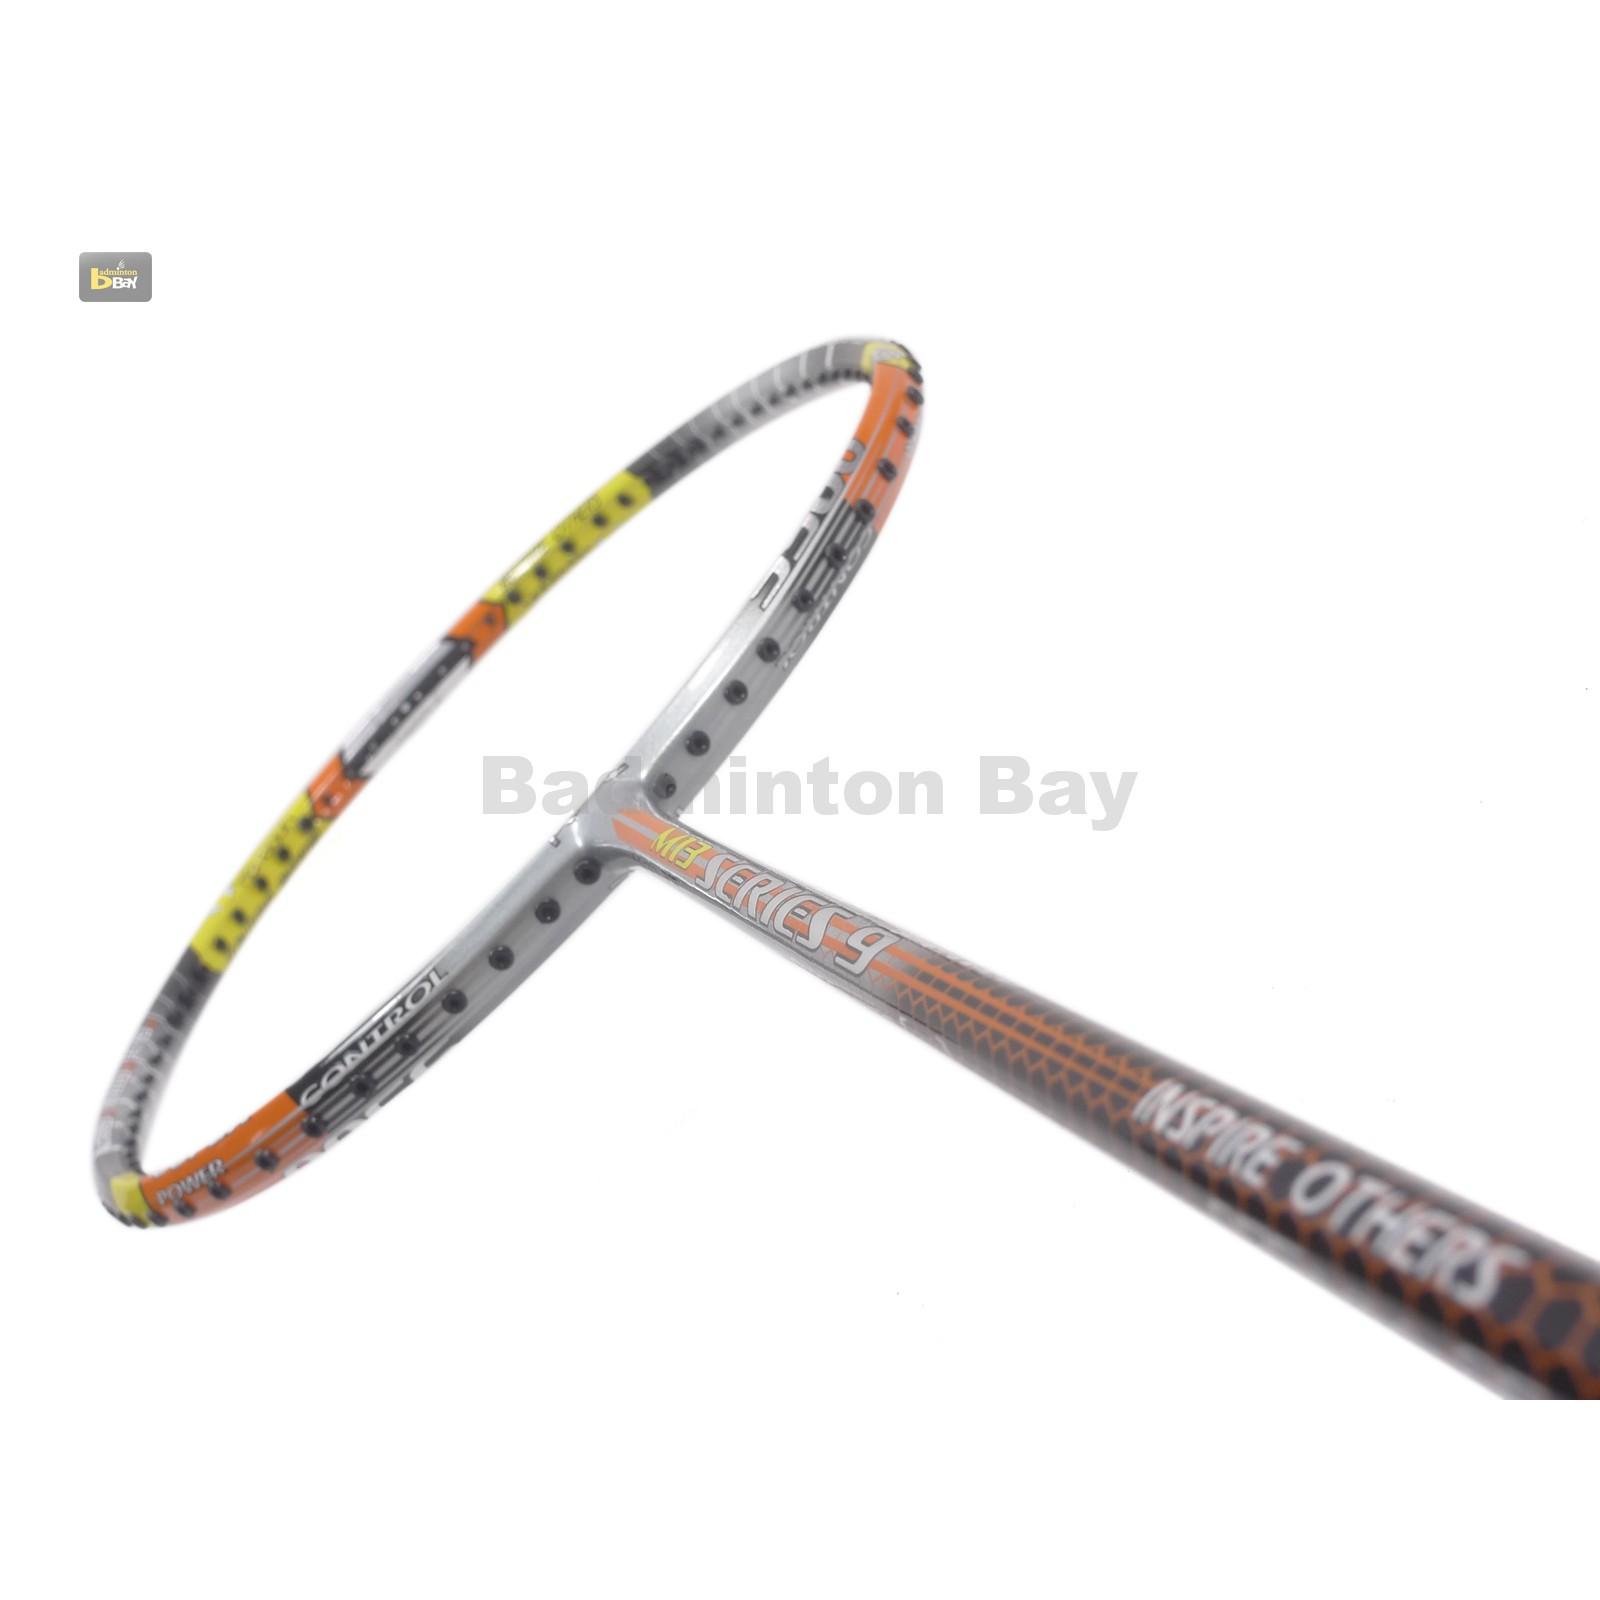 Rsl M13 Season 2 Series 9 Badminton Racket 4u G5